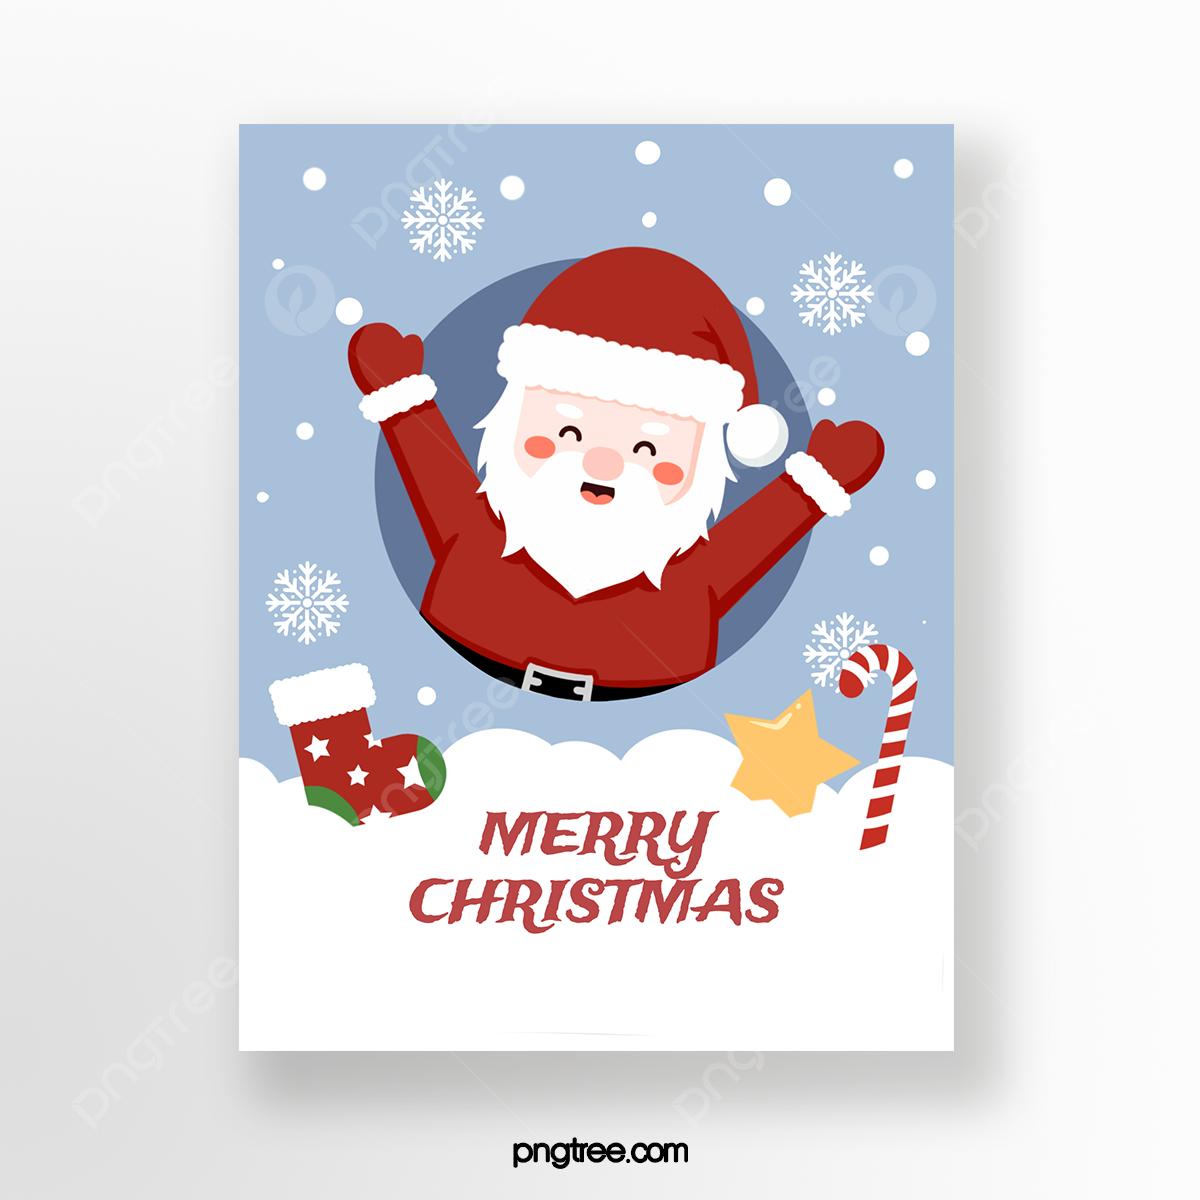 Gambar Kartun Ucapan Kad Ucapan Kad Krismas Templat Untuk Muat Turun Percuma Di Pngtree